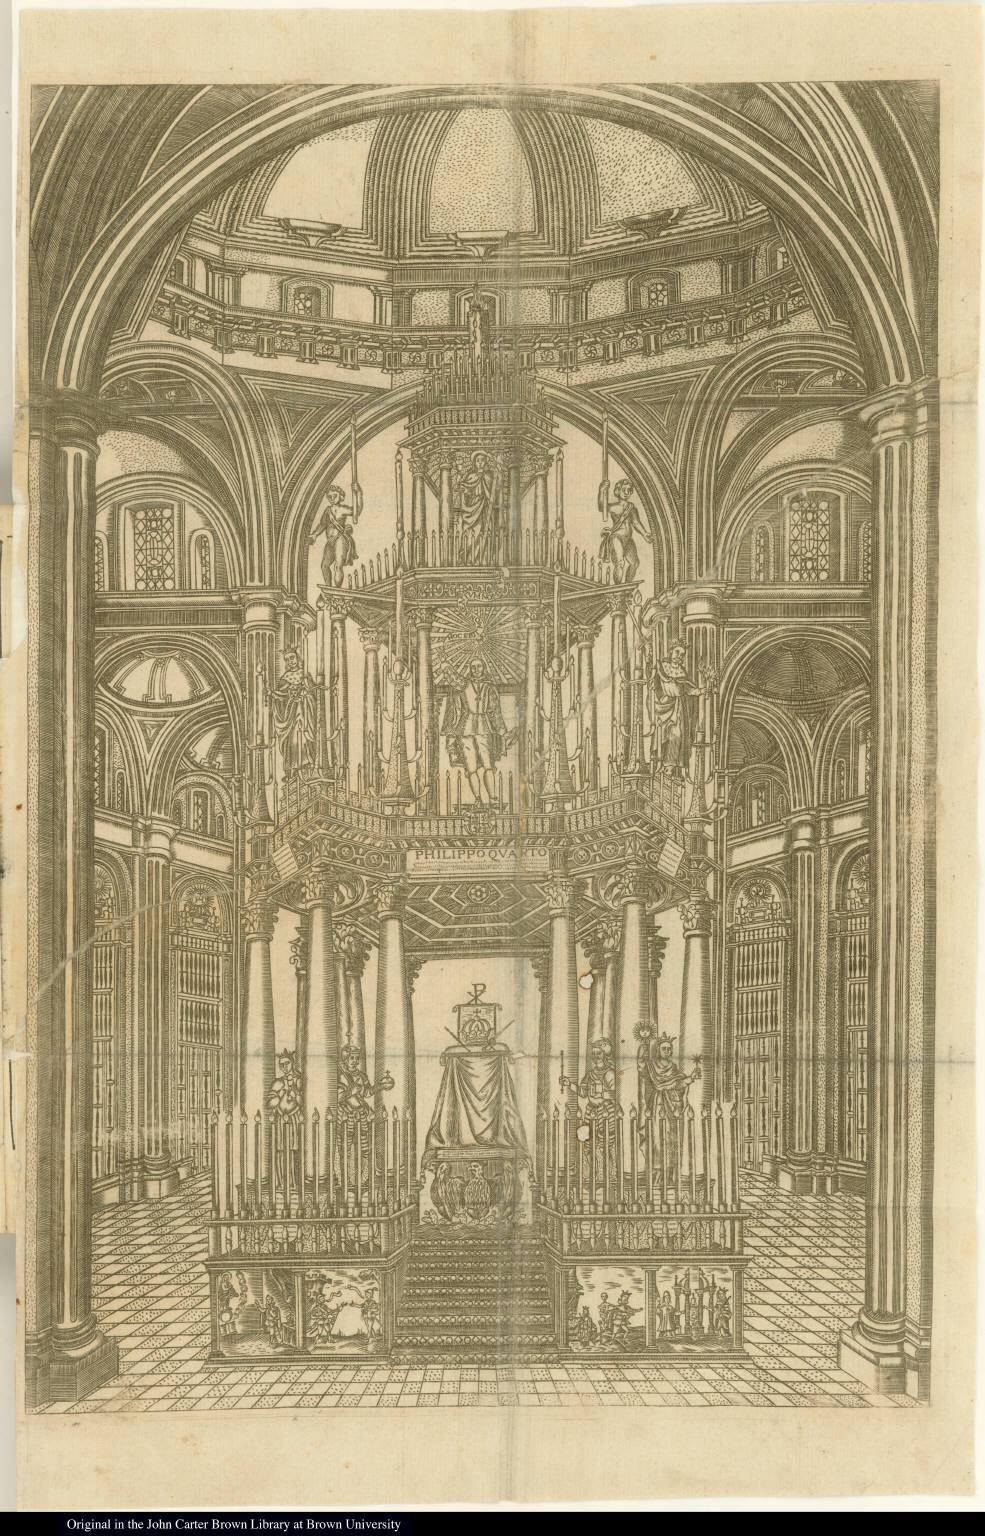 [Catafalque of Philip IV]